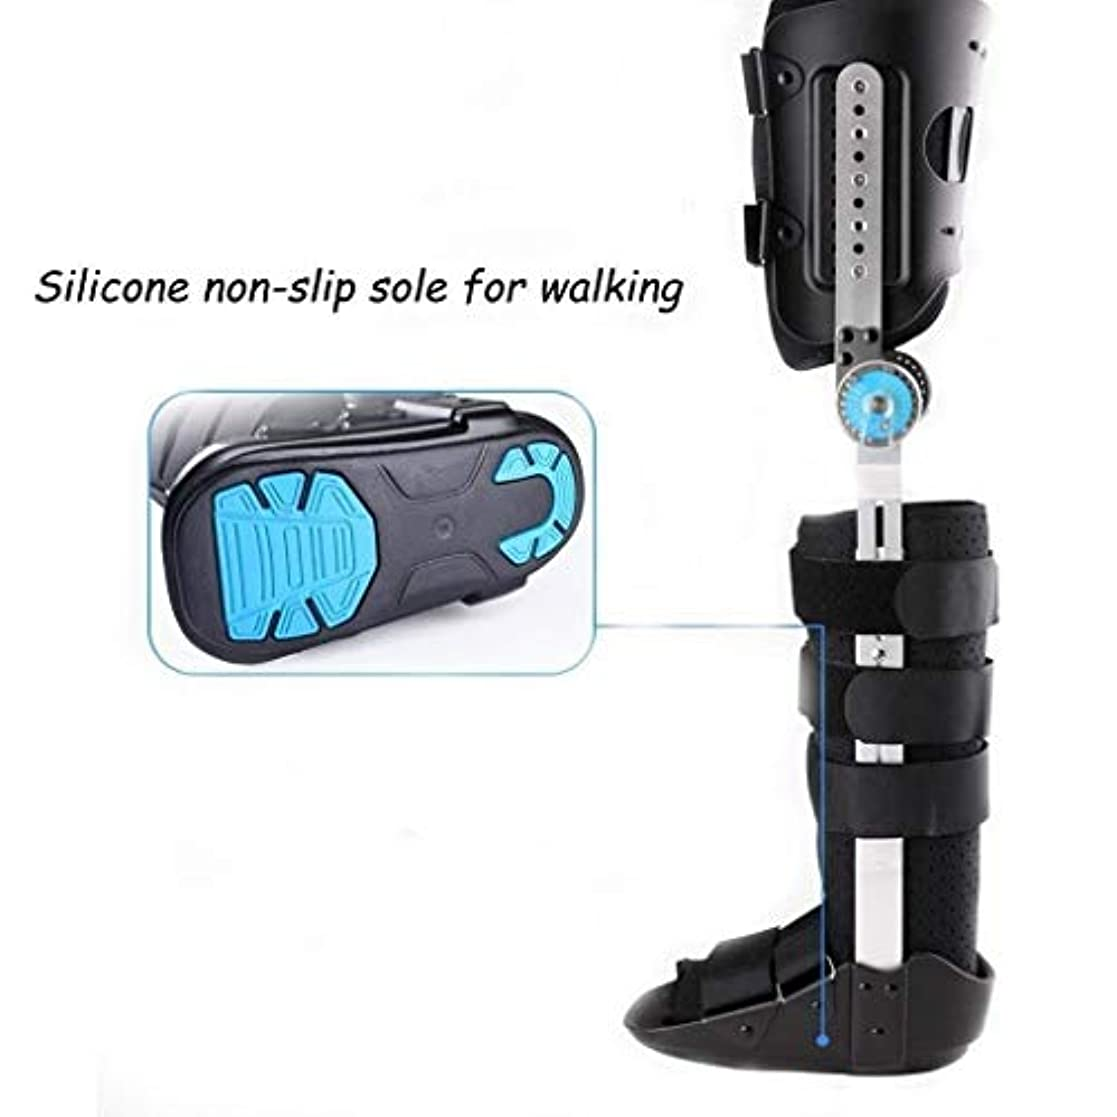 陪審不合格幻想調節可能な膝装具サポート-ポストヒンジ付き-ユニバーサルレッグサイズ (Color : As Picture, Size : Right-M)